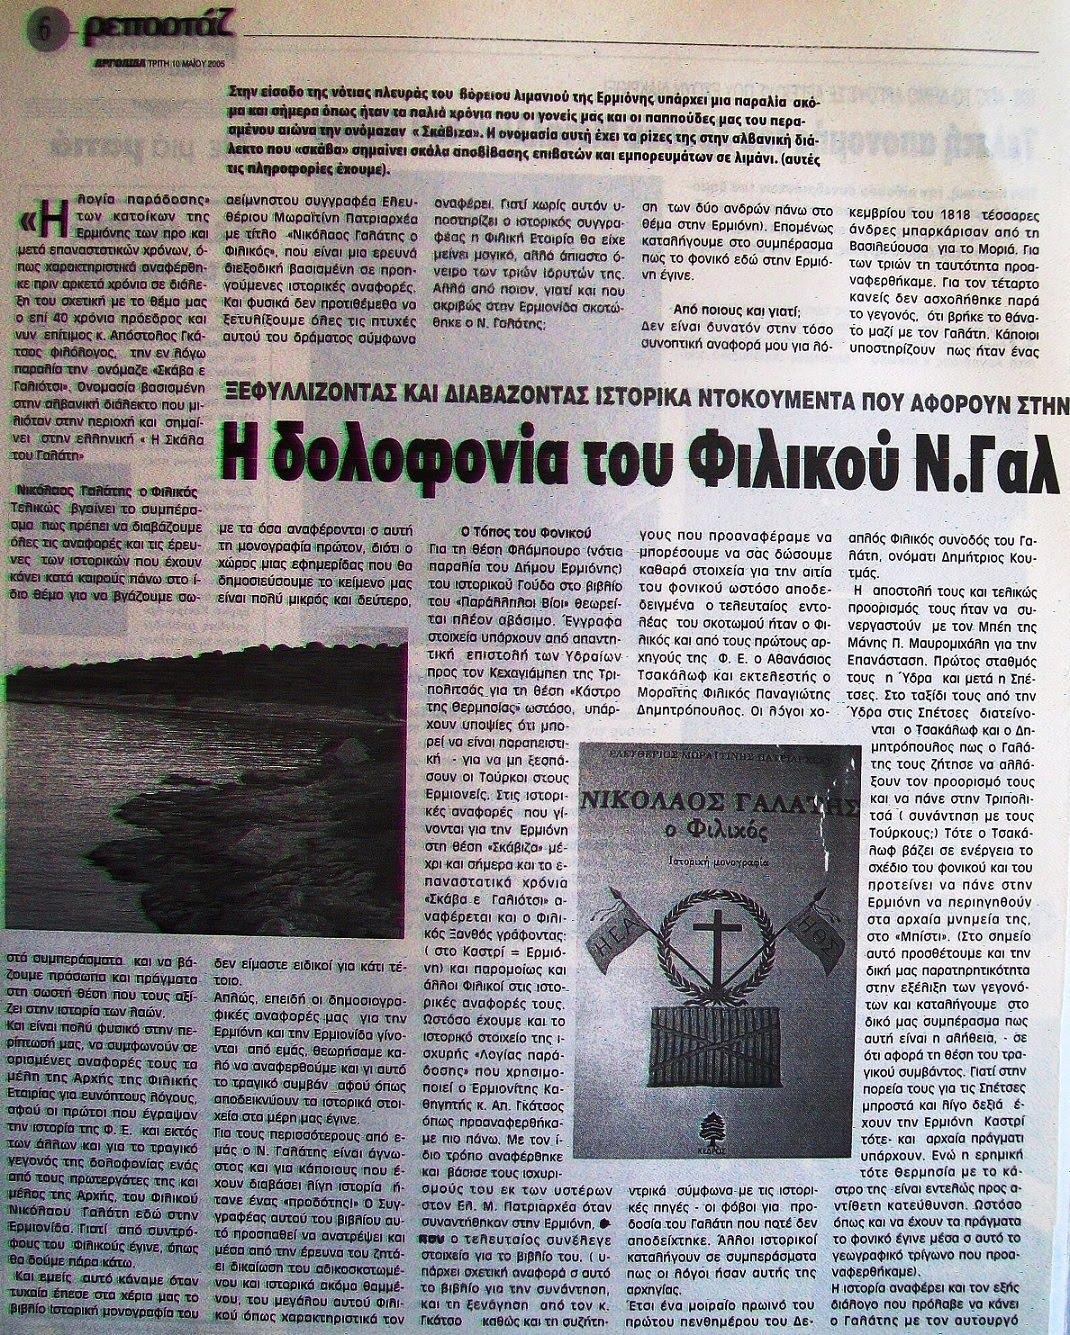 Η δολοφονία του Φιλικού Νικόλαου Γαλάτη και του συνοδού του στην Ερμιόνη...